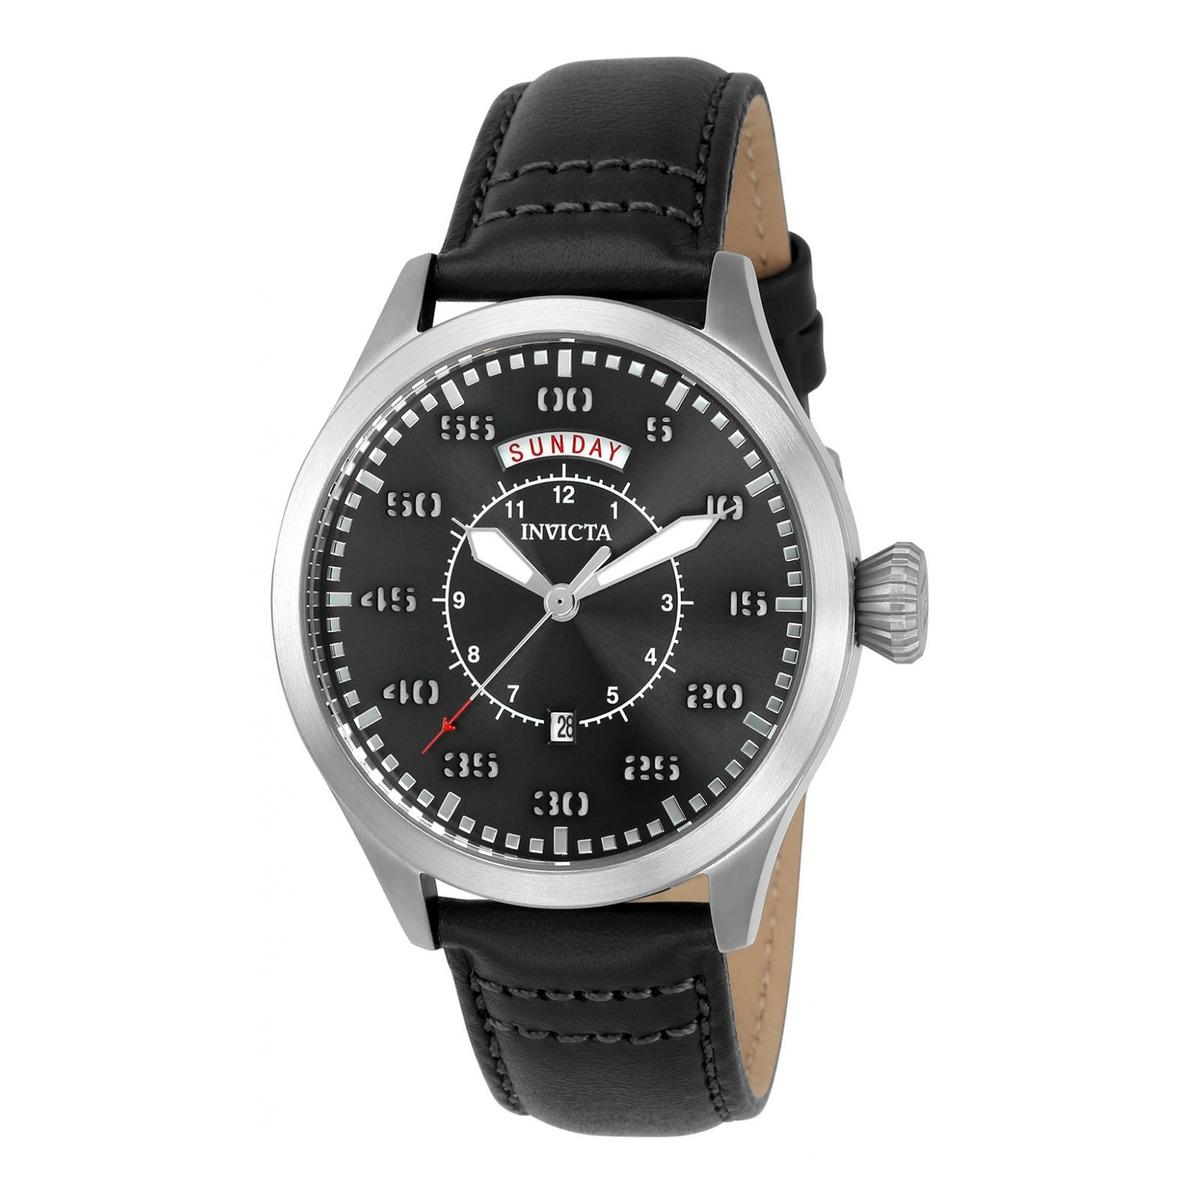 6ab7e0916ec7 Reloj Invicta 22972 Cuero Negro Hombre -   299.900 en Mercado Libre